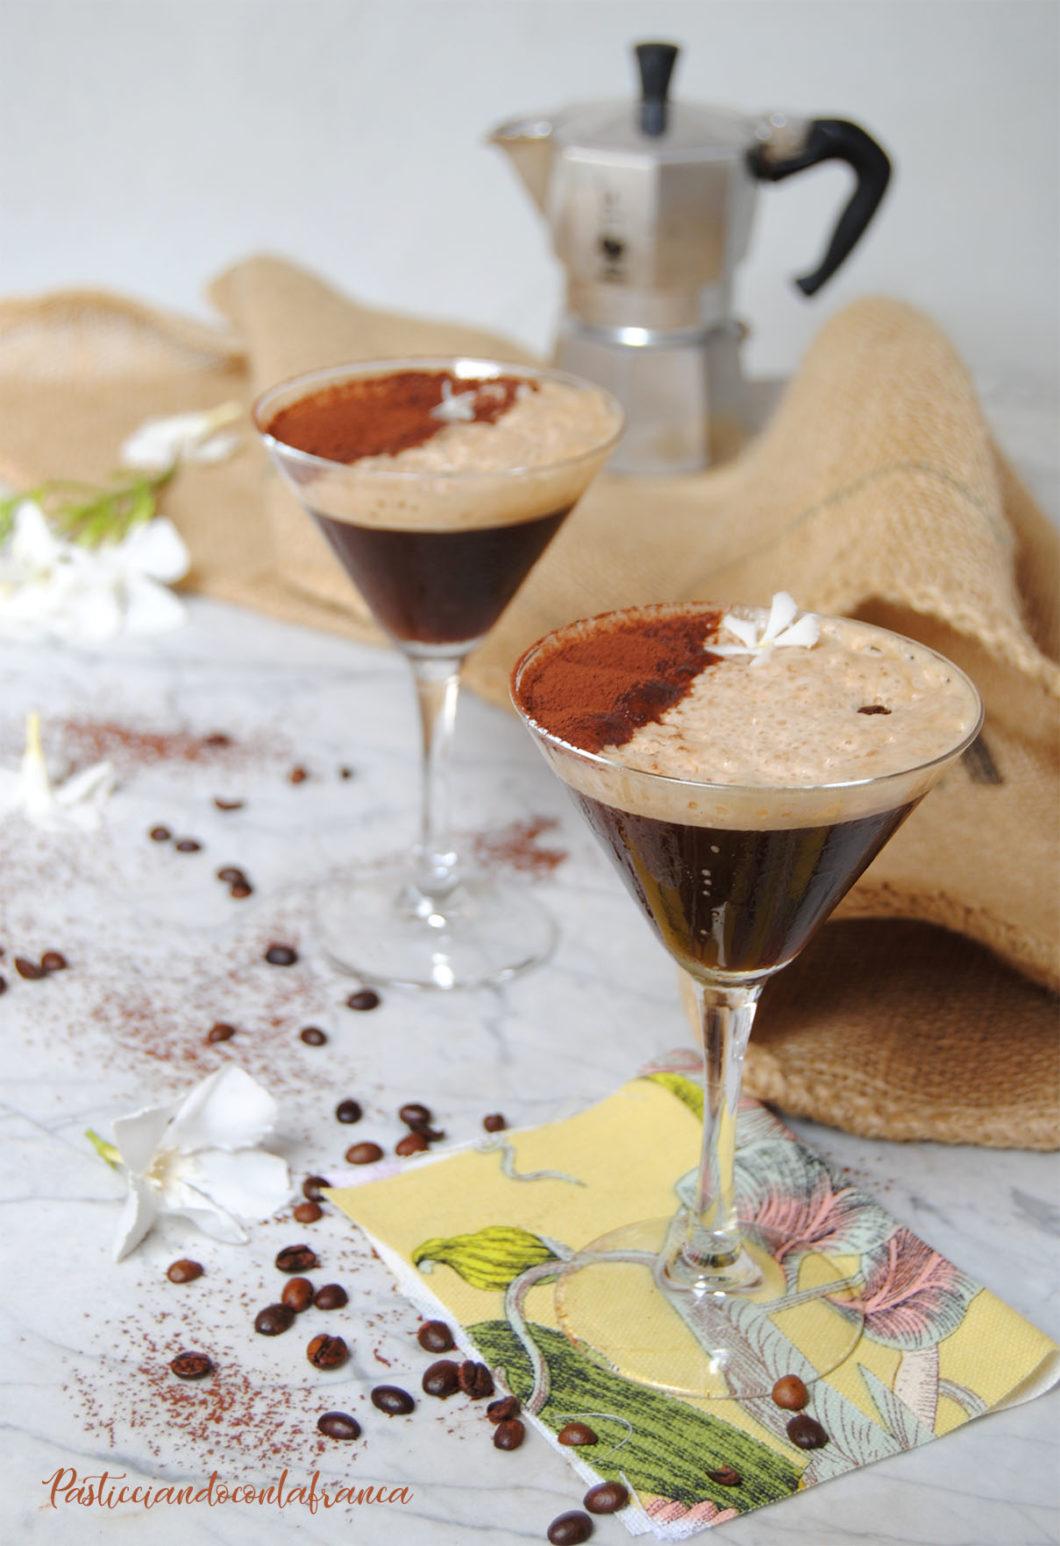 caffè freddo shakerato all'amaretto ricetta di pasticciandoconlafranca